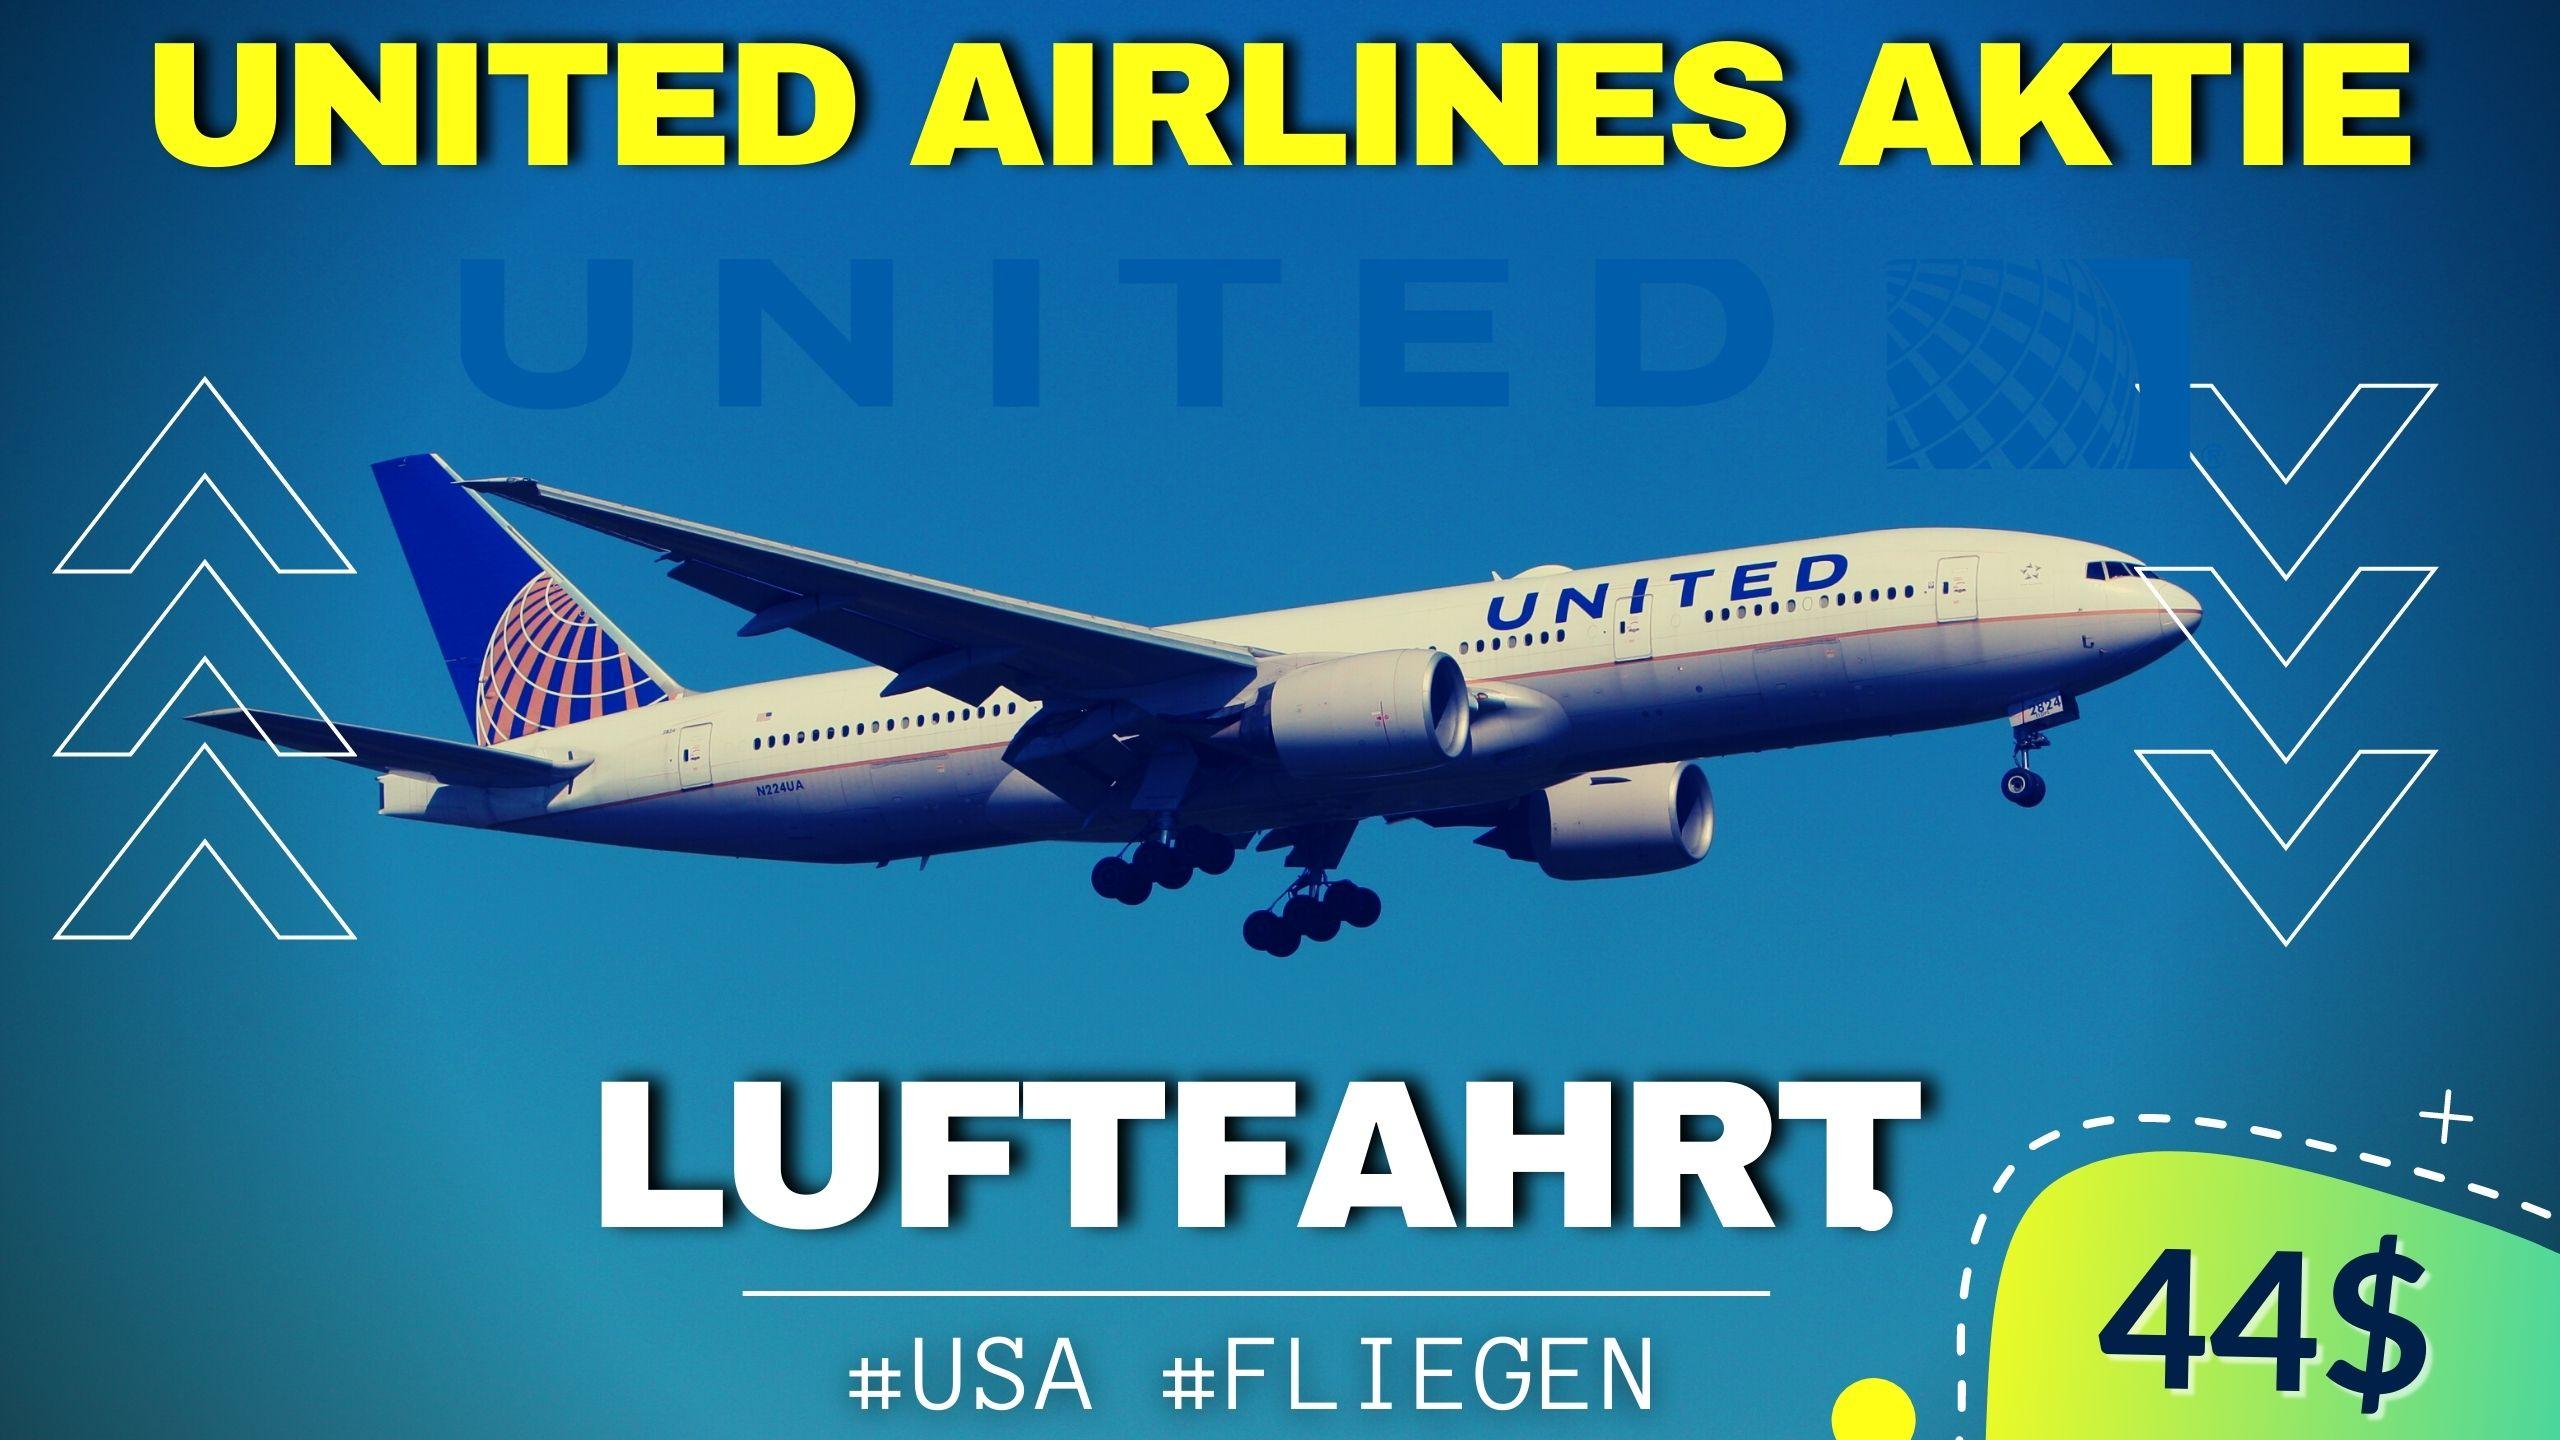 United Airlines Aktie kaufen 2021